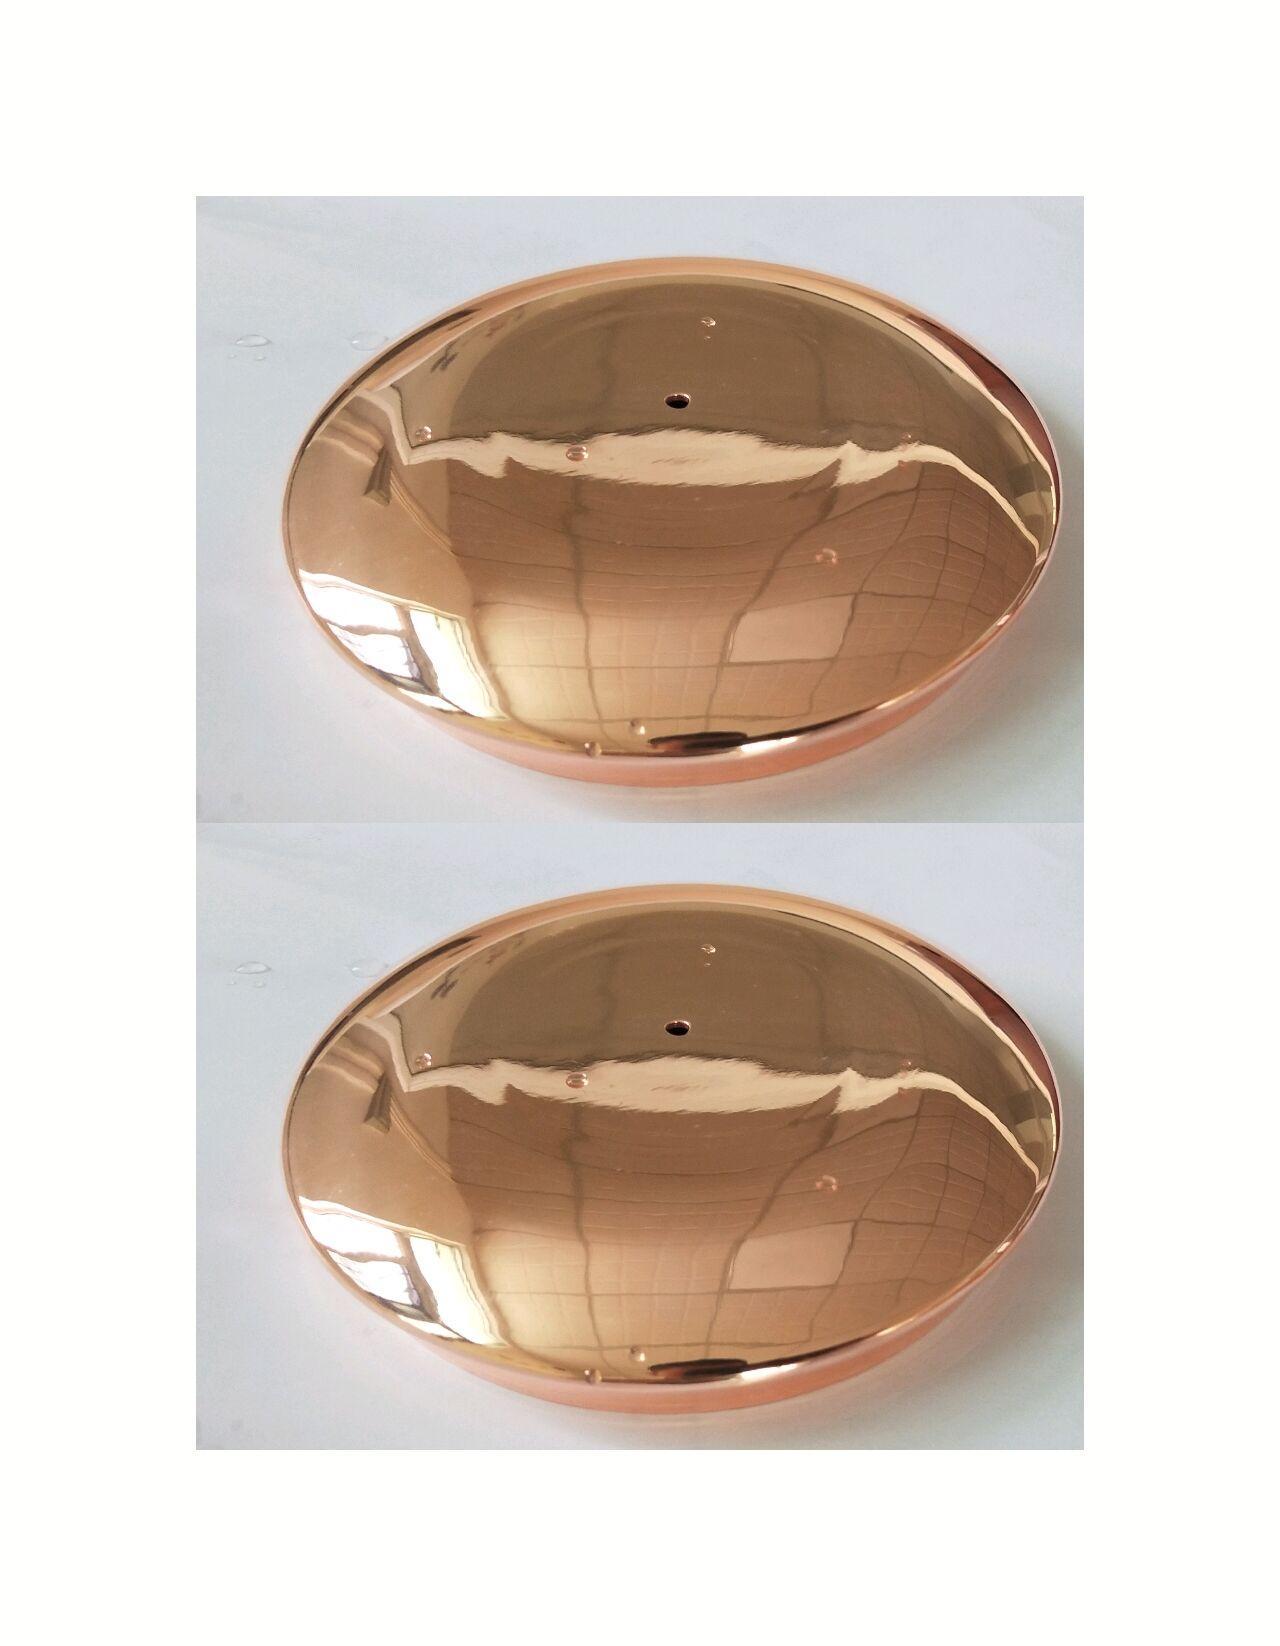 浙江嘉兴铜材钝化剂厂家供应 铜材表面耐腐蚀抗氧化处理剂 1